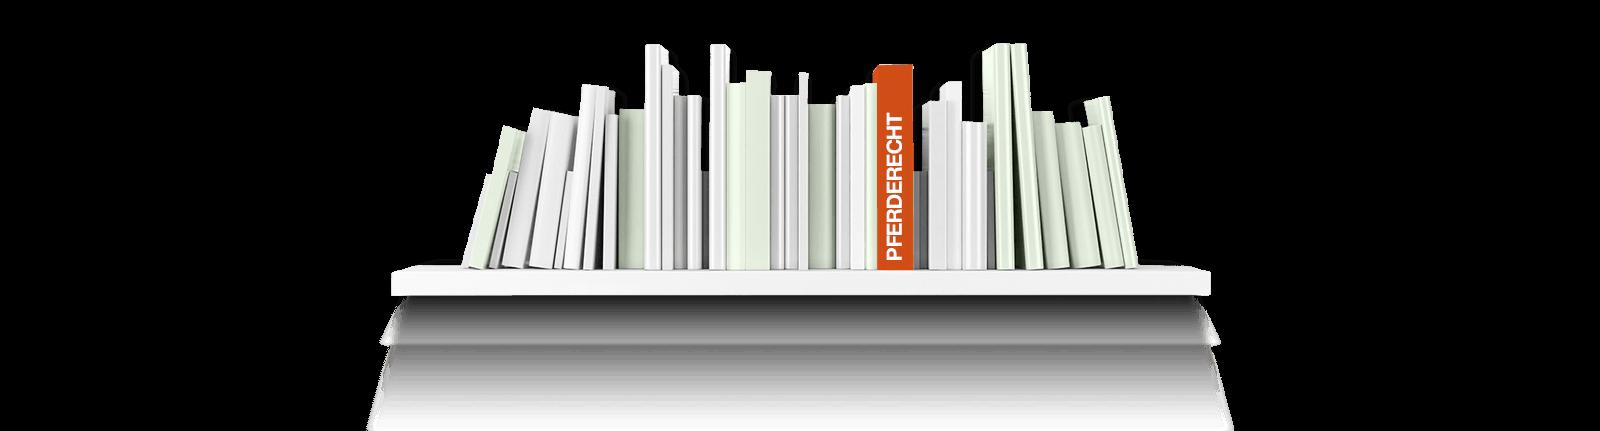 Bild zeigt ein Bücherregal mit einem Buch zum Thema Pferderecht